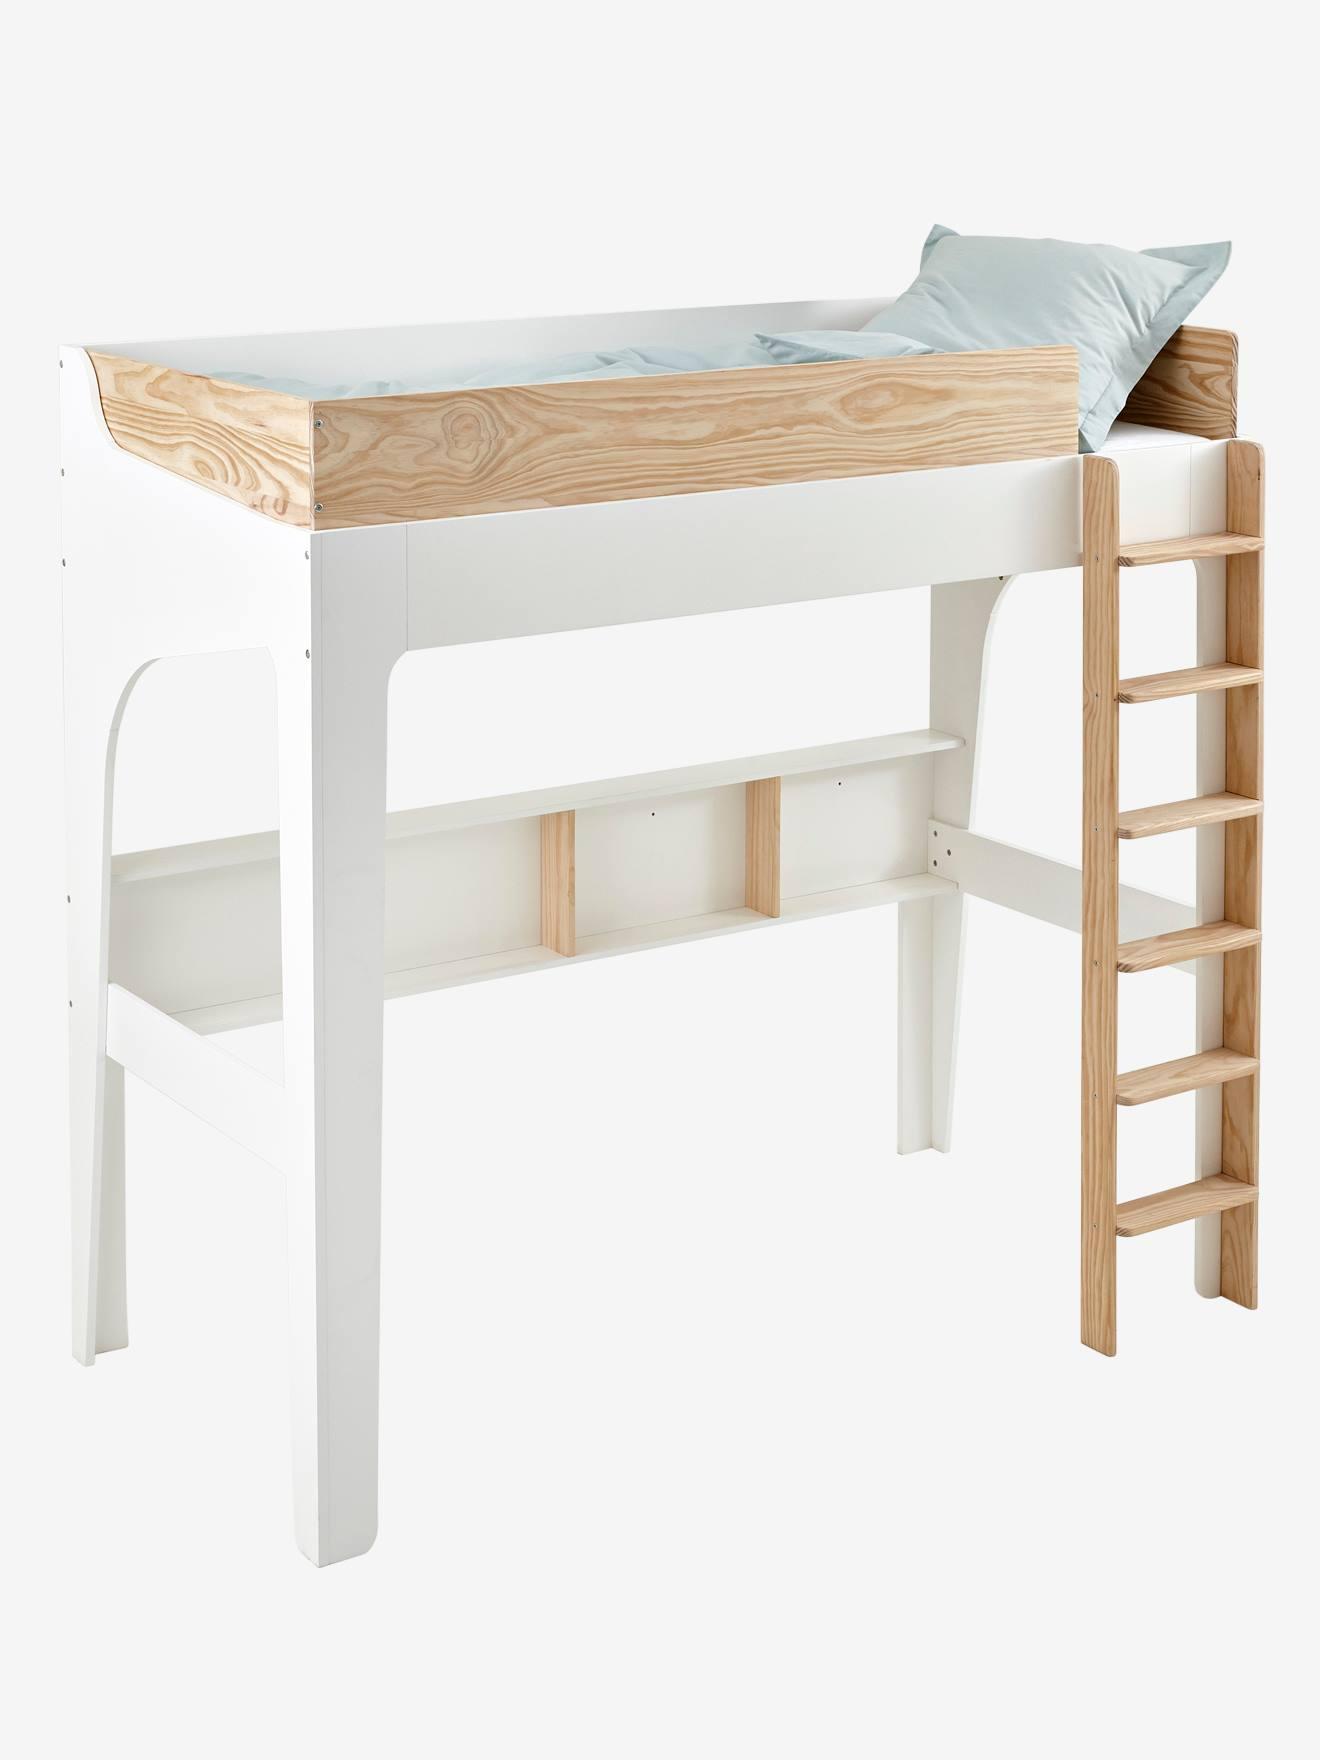 etagere avec rebord cool merveilleux etagere murale avec rebord with etagere avec rebord. Black Bedroom Furniture Sets. Home Design Ideas